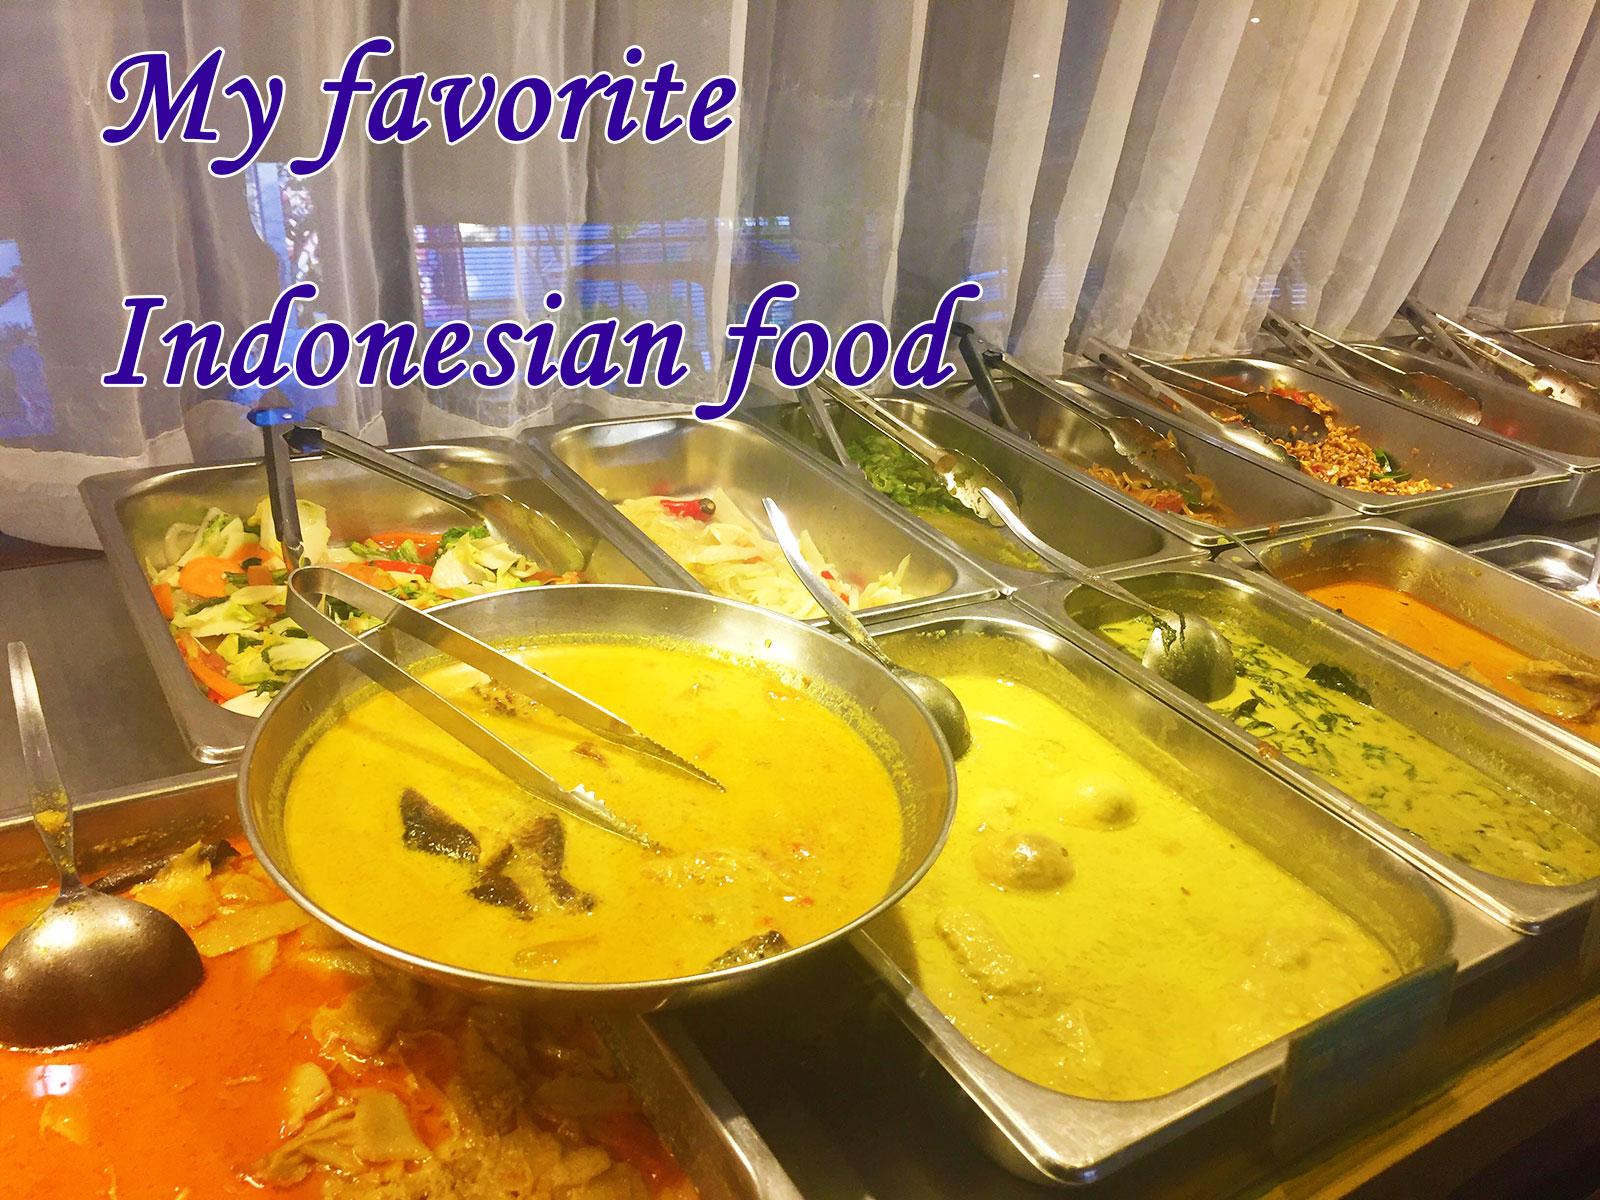 ナシチャンプル・インドネシア料理